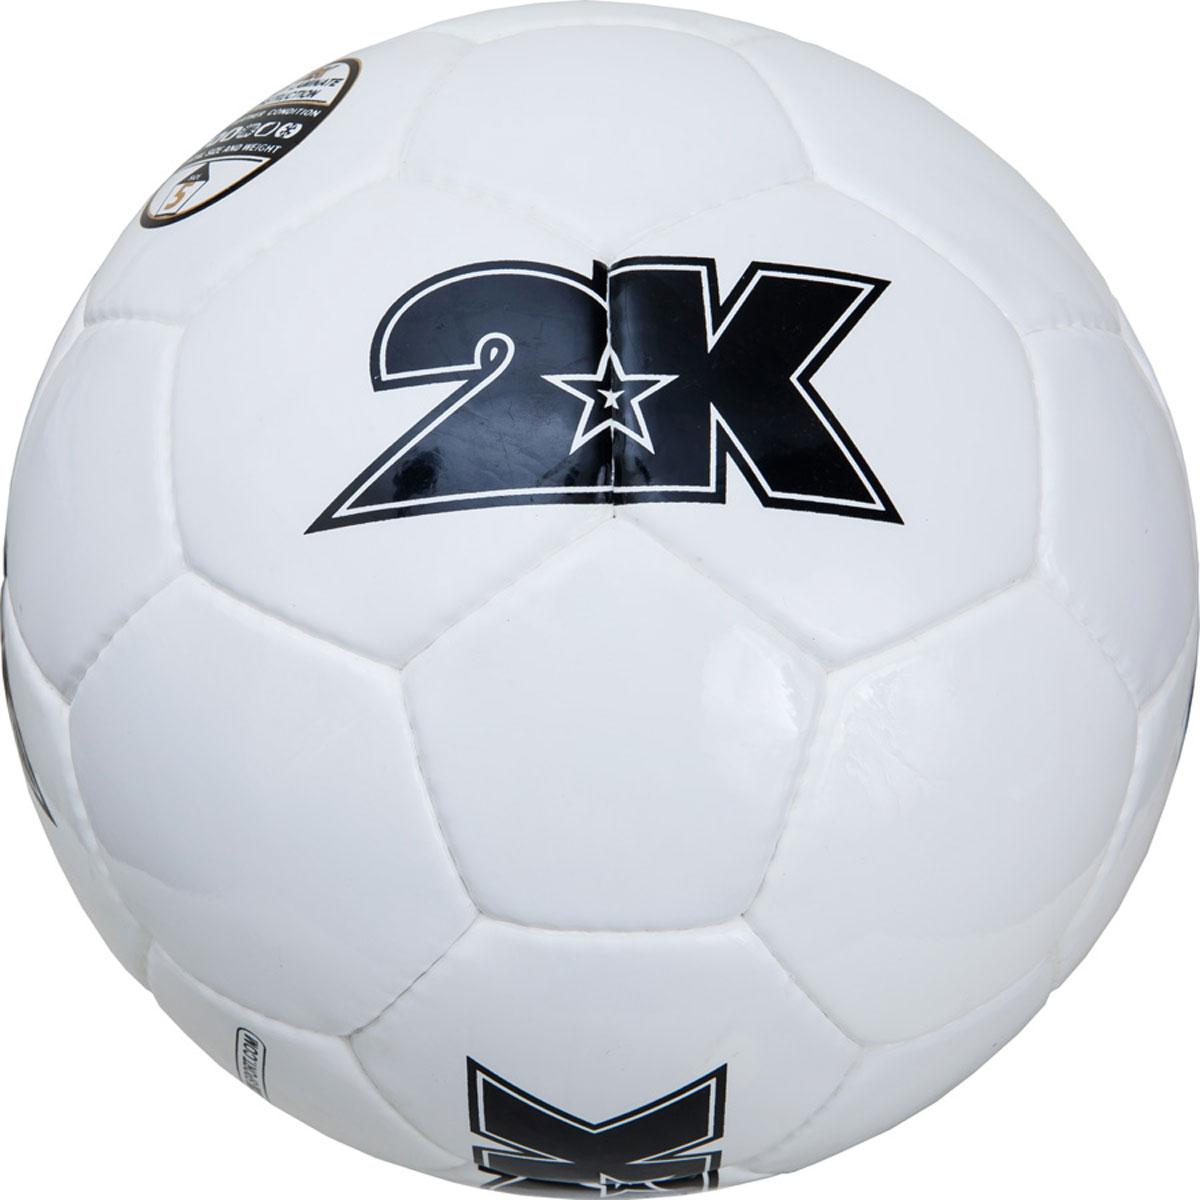 Мяч футбольный 2K Sport Merkury, цвет: белый, черный. Размер 5127062Любительский футбольный мяч 2K Sport Merkury изготовлен из полиуретана, полиэстера и хлопка. Сшивка производилась вручную. Швы проклеены для герметизации.